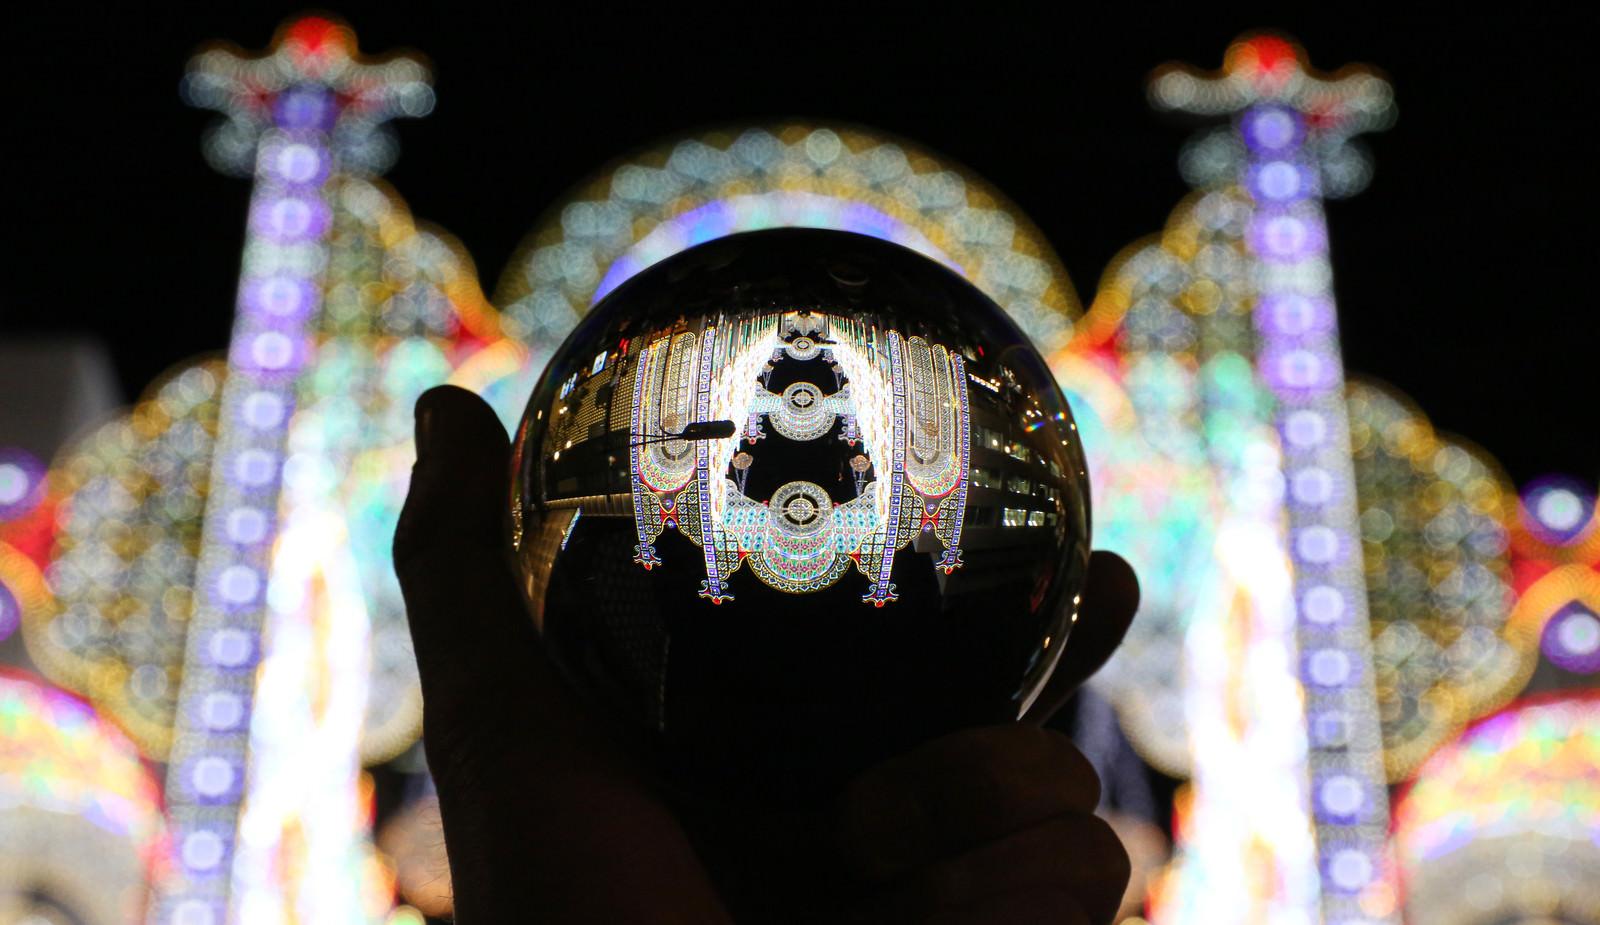 「水晶玉越しに見るイルミネーション」の写真